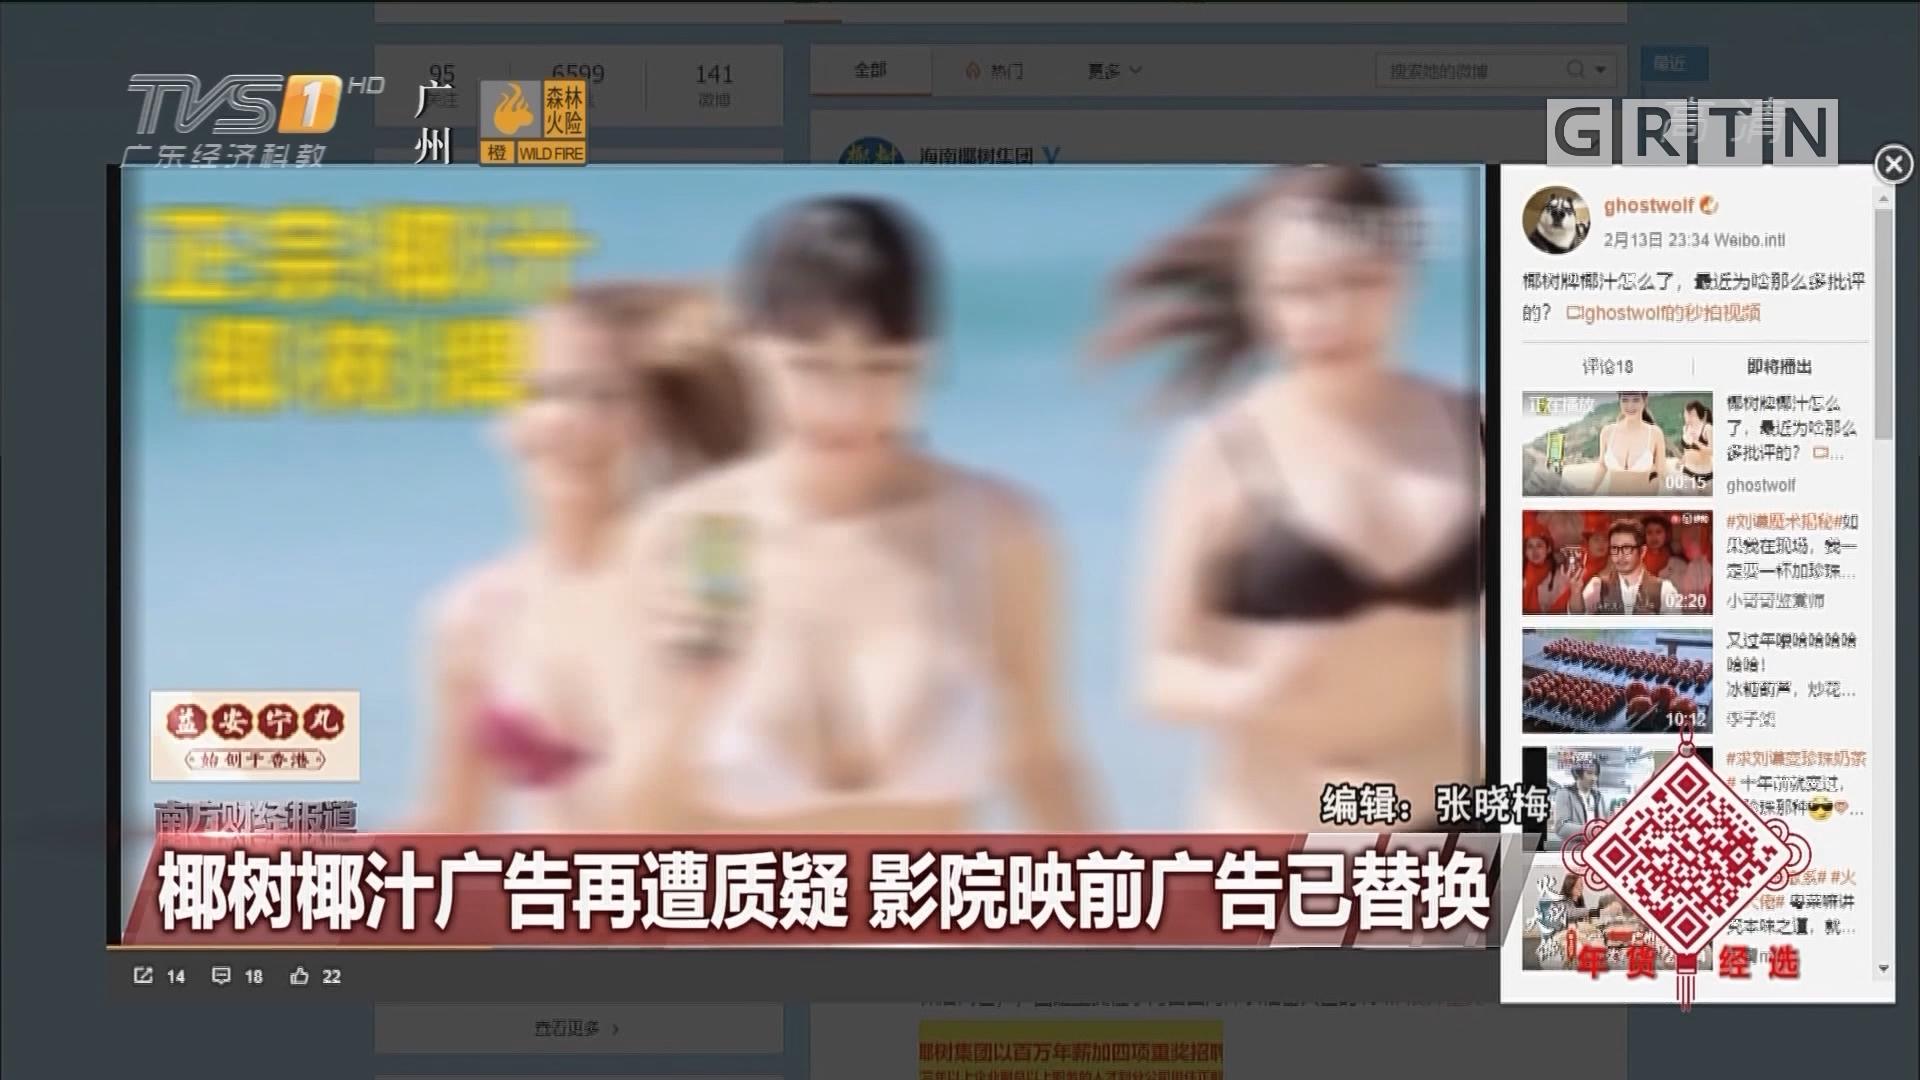 椰树椰汁广告再遭质疑 影院映前广告已替换